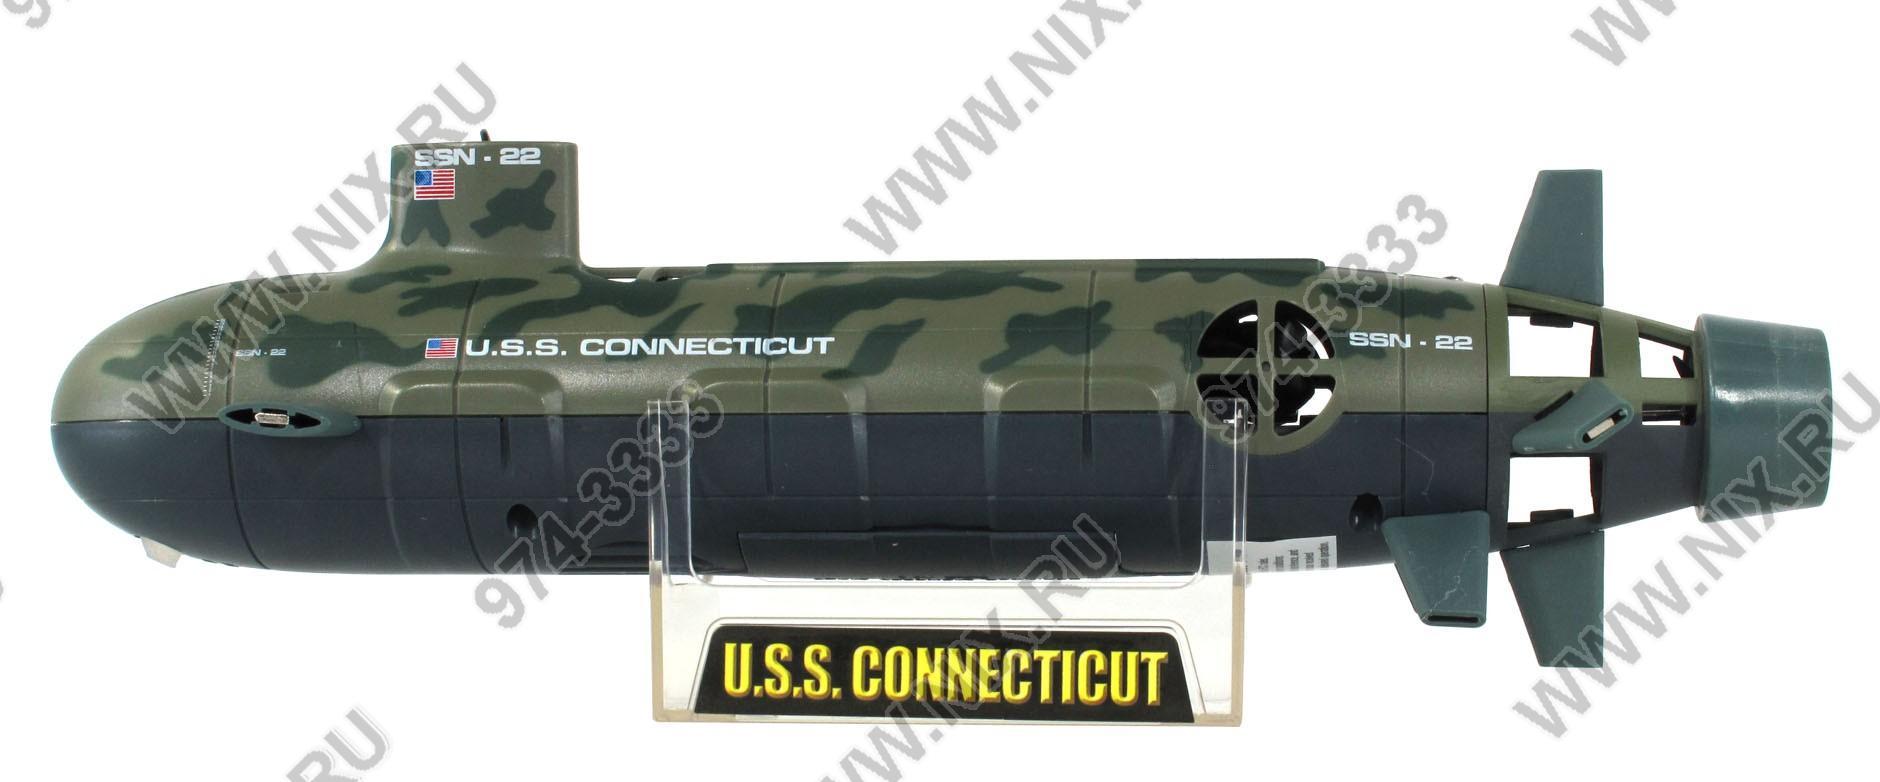 модель атомной подводной лодки u.s.s. seawolf